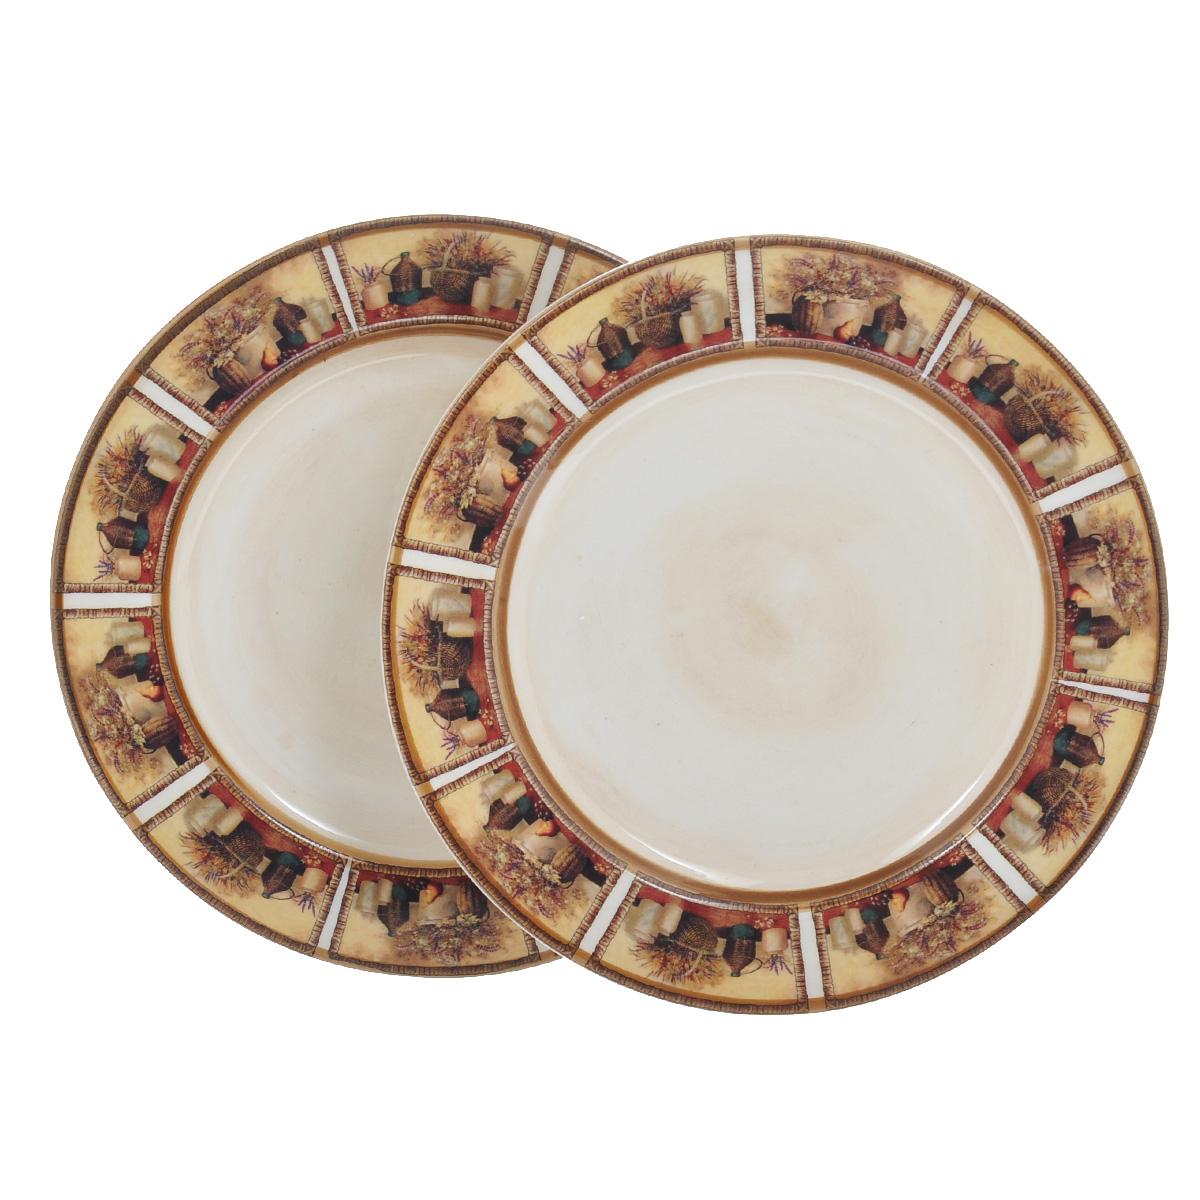 Набор десертных тарелок LCS Натюрморт, диаметр 20 см, 2 штLCS353PFV-ALНабор LCS Натюрморт состоит из двух десертных тарелок, выполненных из высококачественной глазурованной керамики. Изделия декорированы изображением посуды и горшков с цветами. Такие тарелки прекрасно оформят стол и порадуют вас лаконичным и ярким дизайном. Тарелки можно мыть в посудомоечной машине с применением жидких моющих средств.